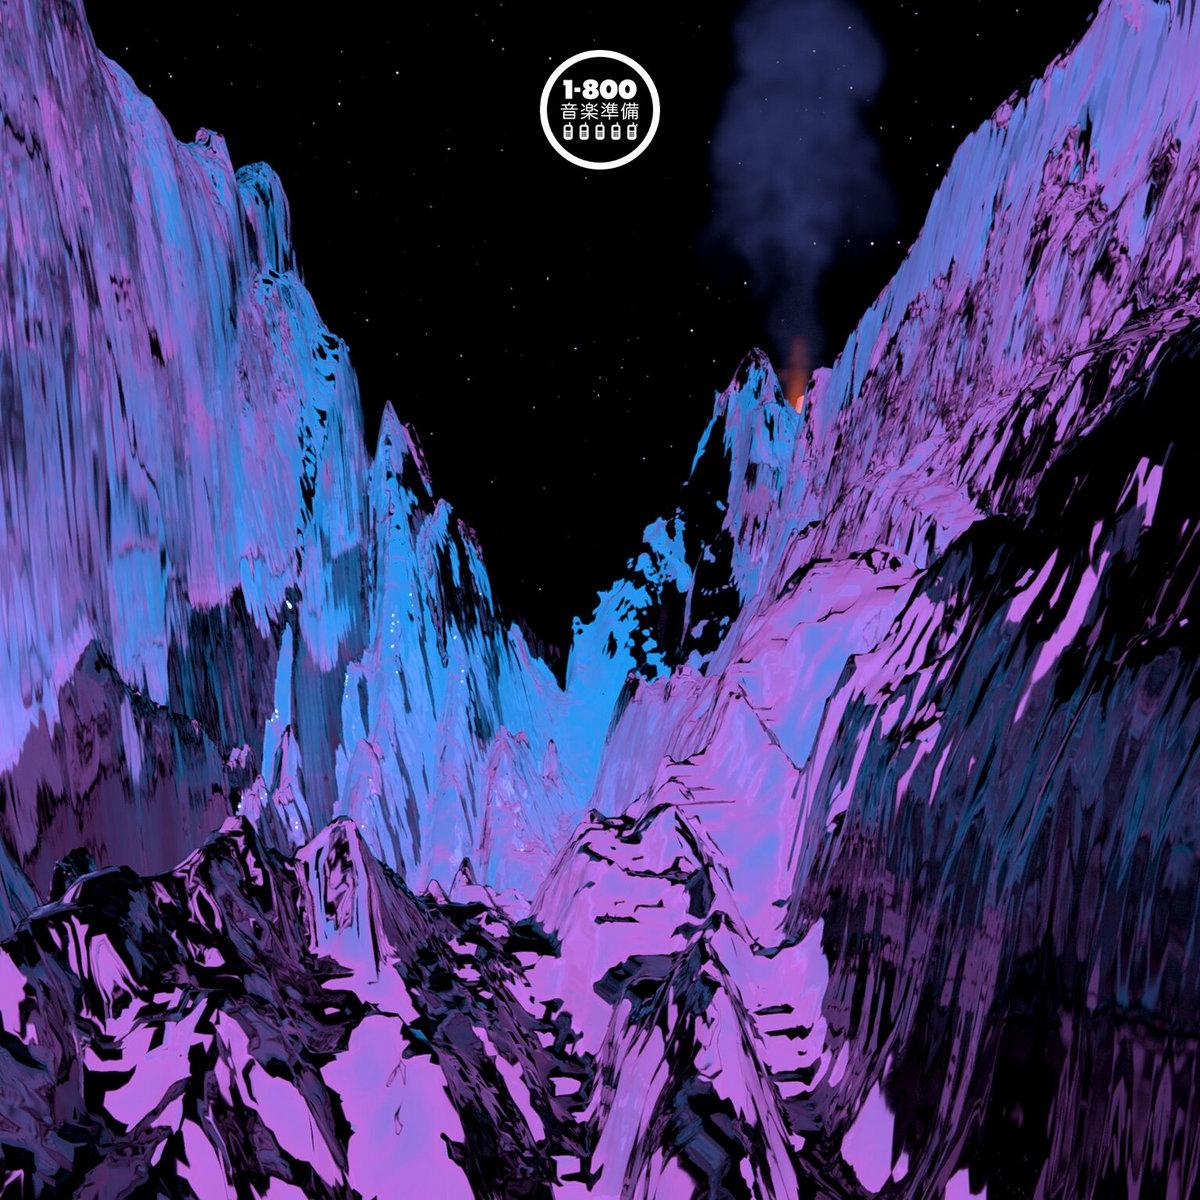 moke ice robot one eight hundred music reserve